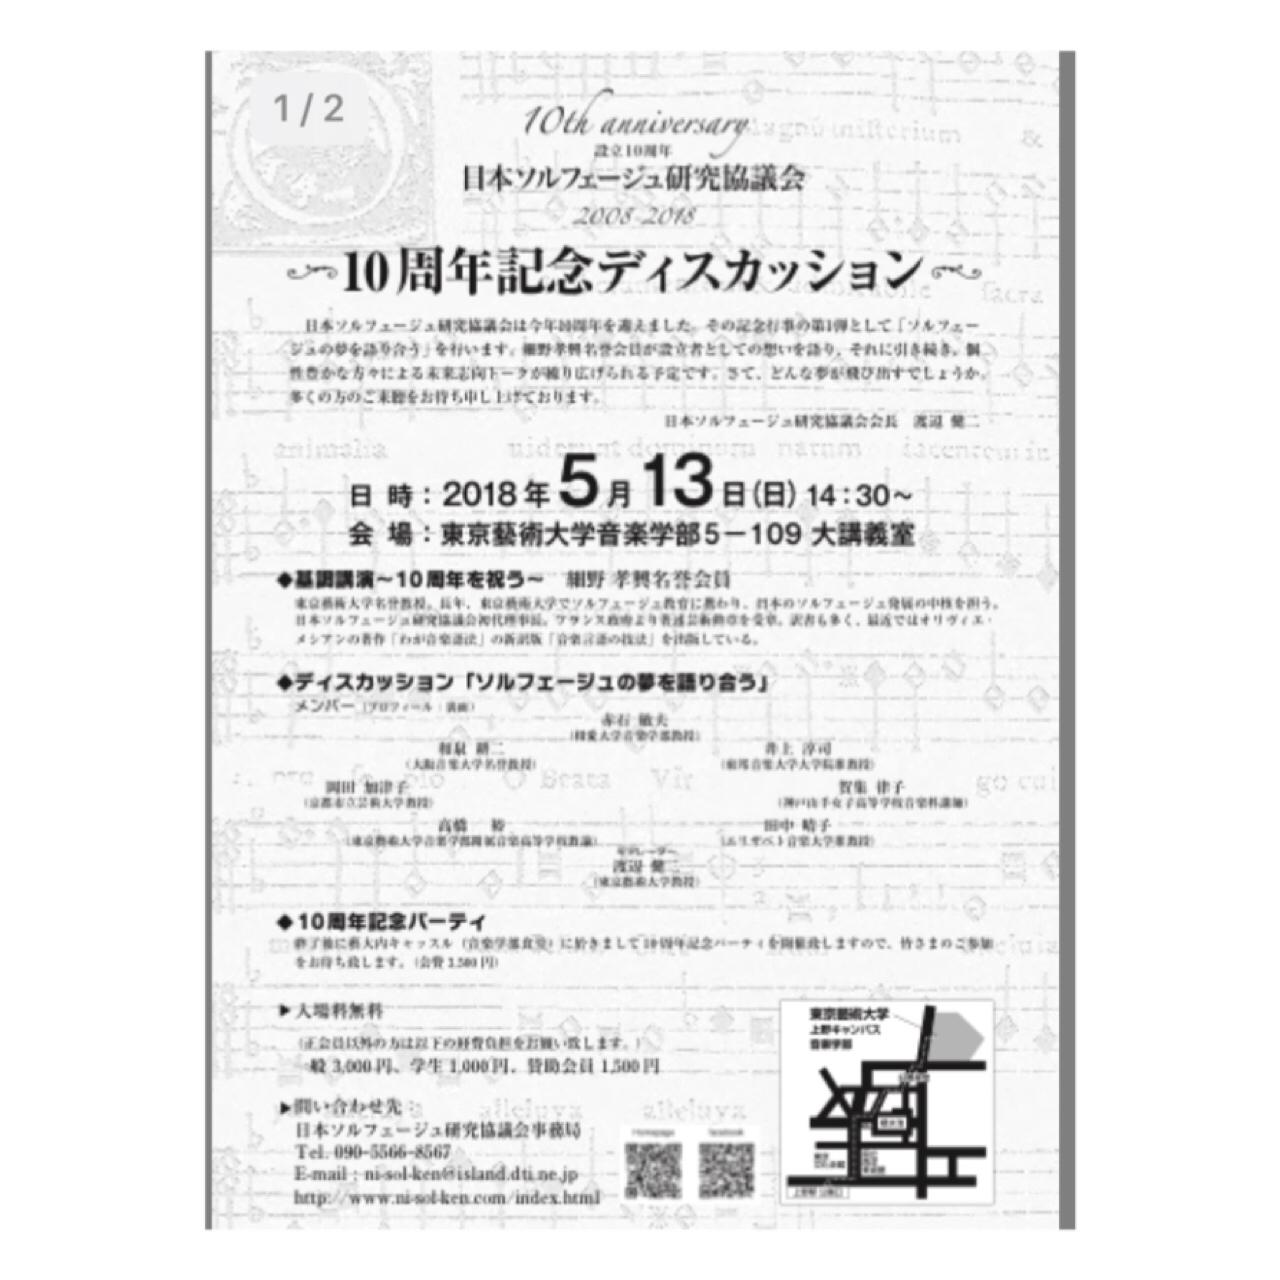 日本ソルフェージュ研究協議会主催「10周年記念ディスカッション」_b0191609_14575091.jpg